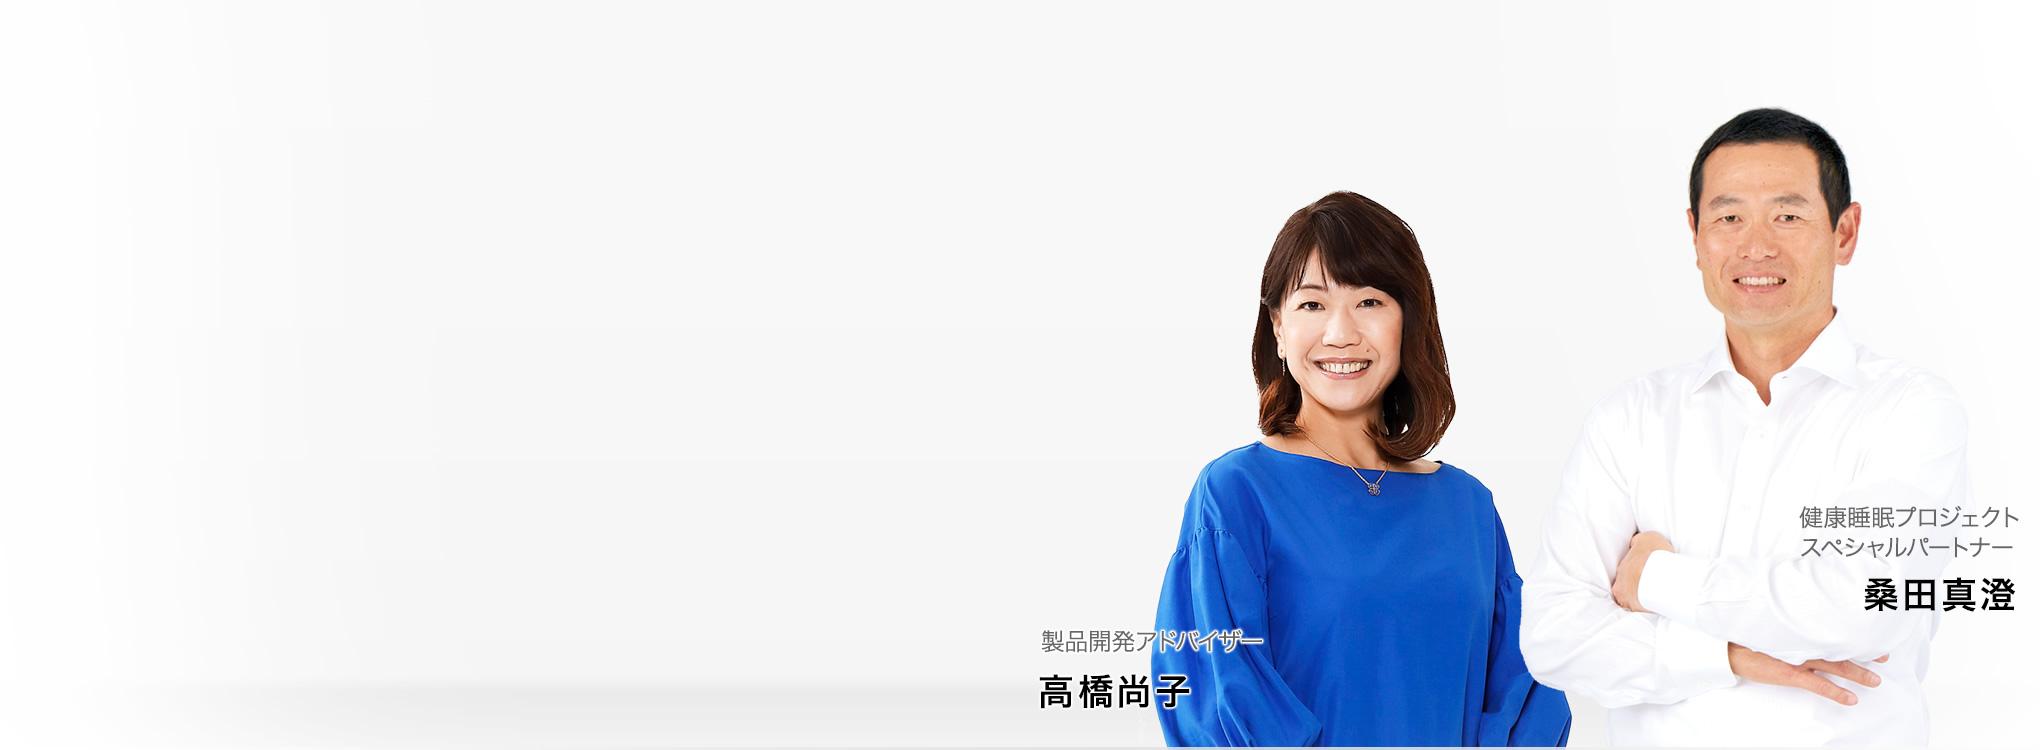 製品開発アドバイザー 高橋尚子 健康睡眠プロジェクトスペシャルパートナー 桑田真澄